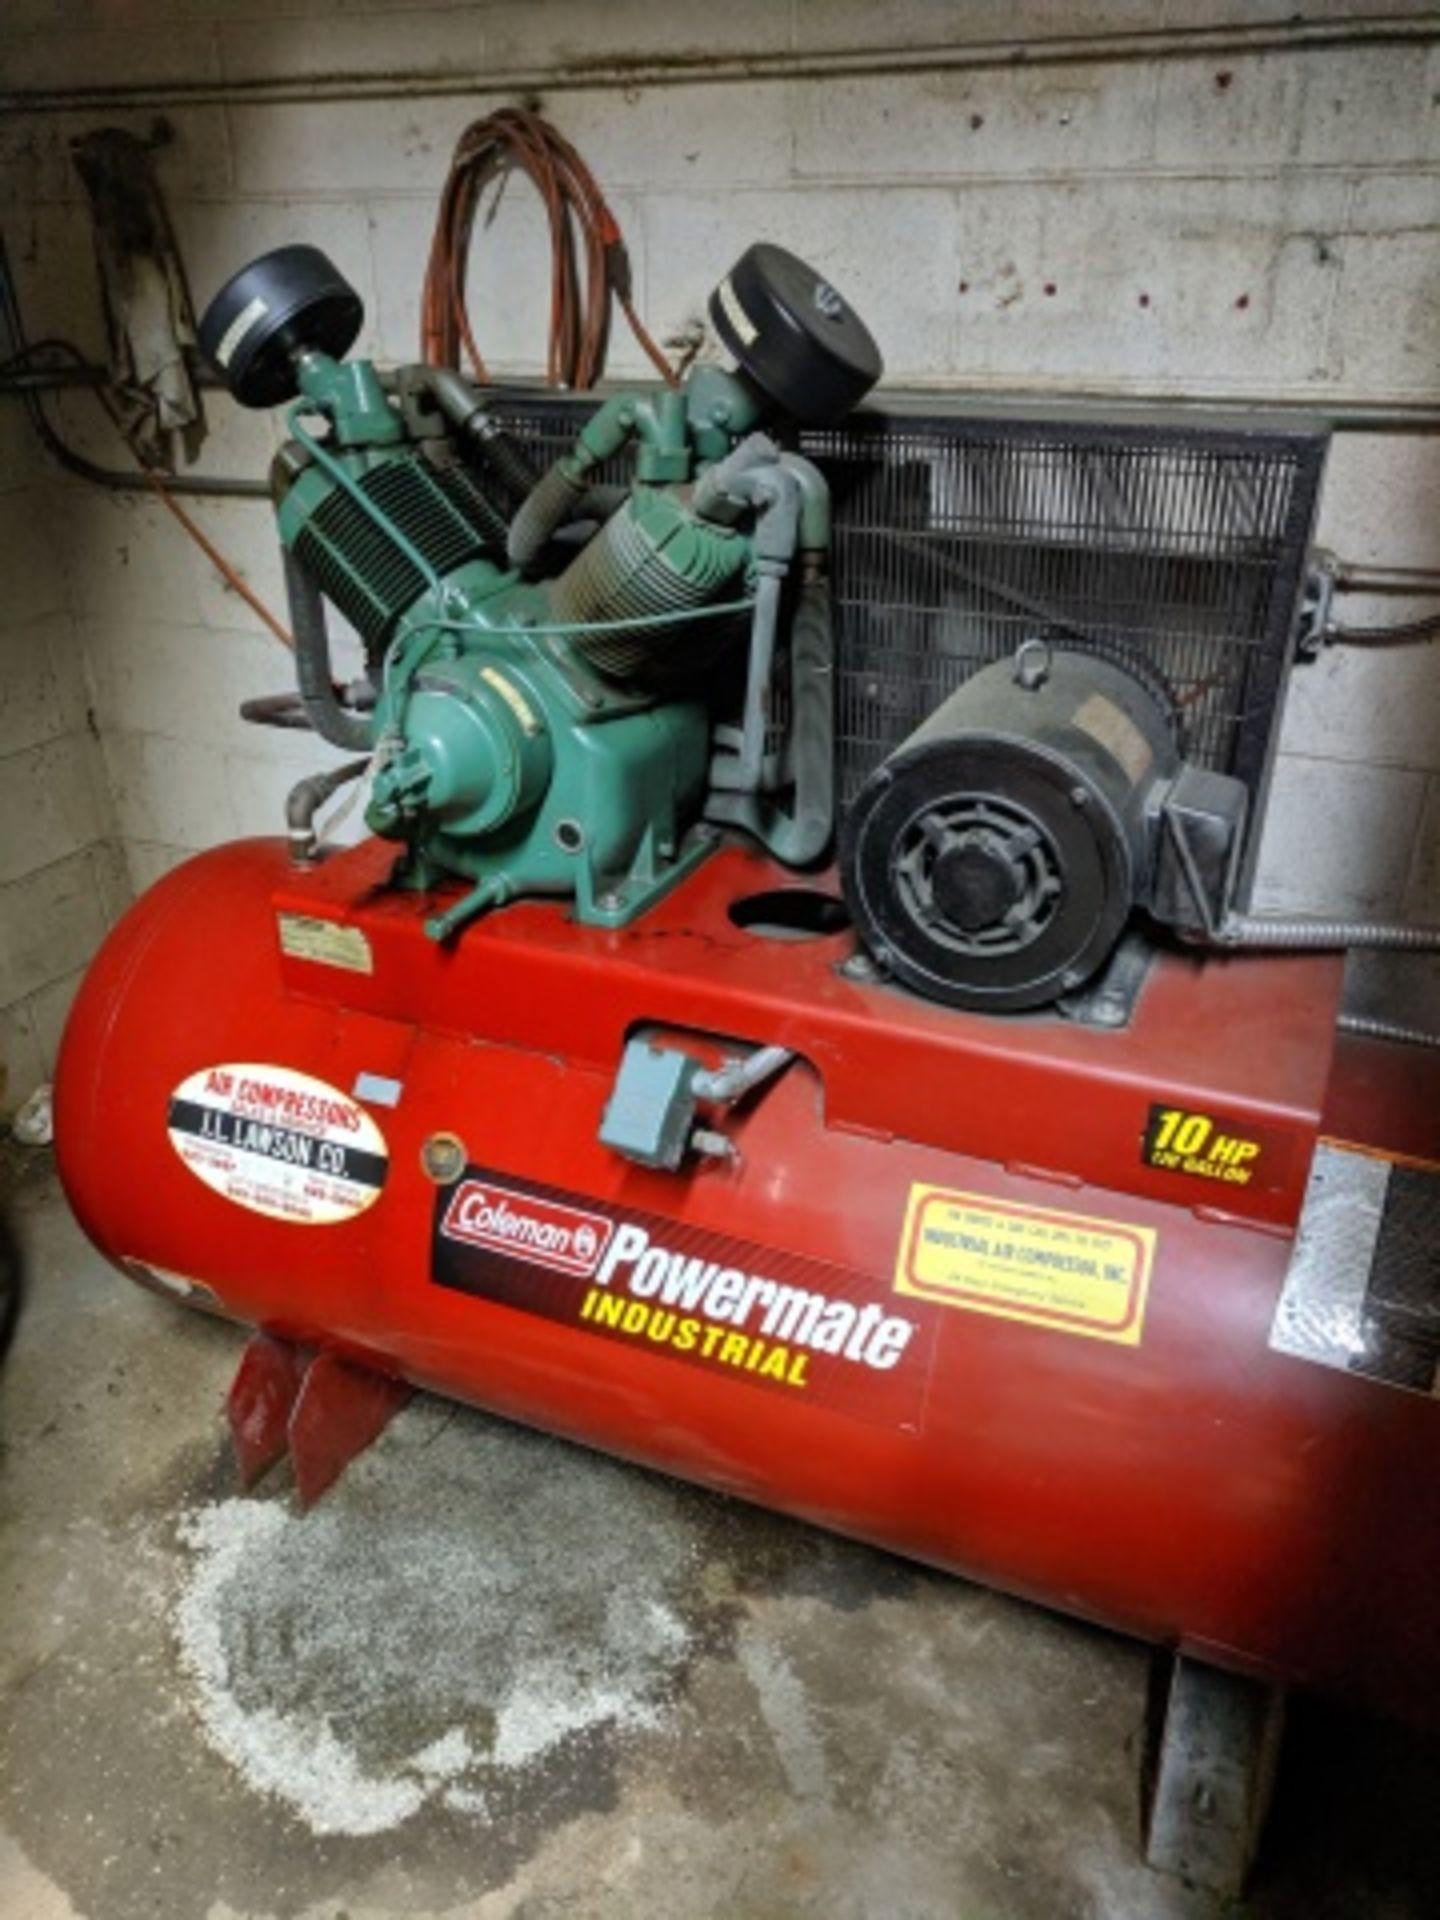 Coleman Powermate C10Z120H2C350 Air Compressor - Image 2 of 2